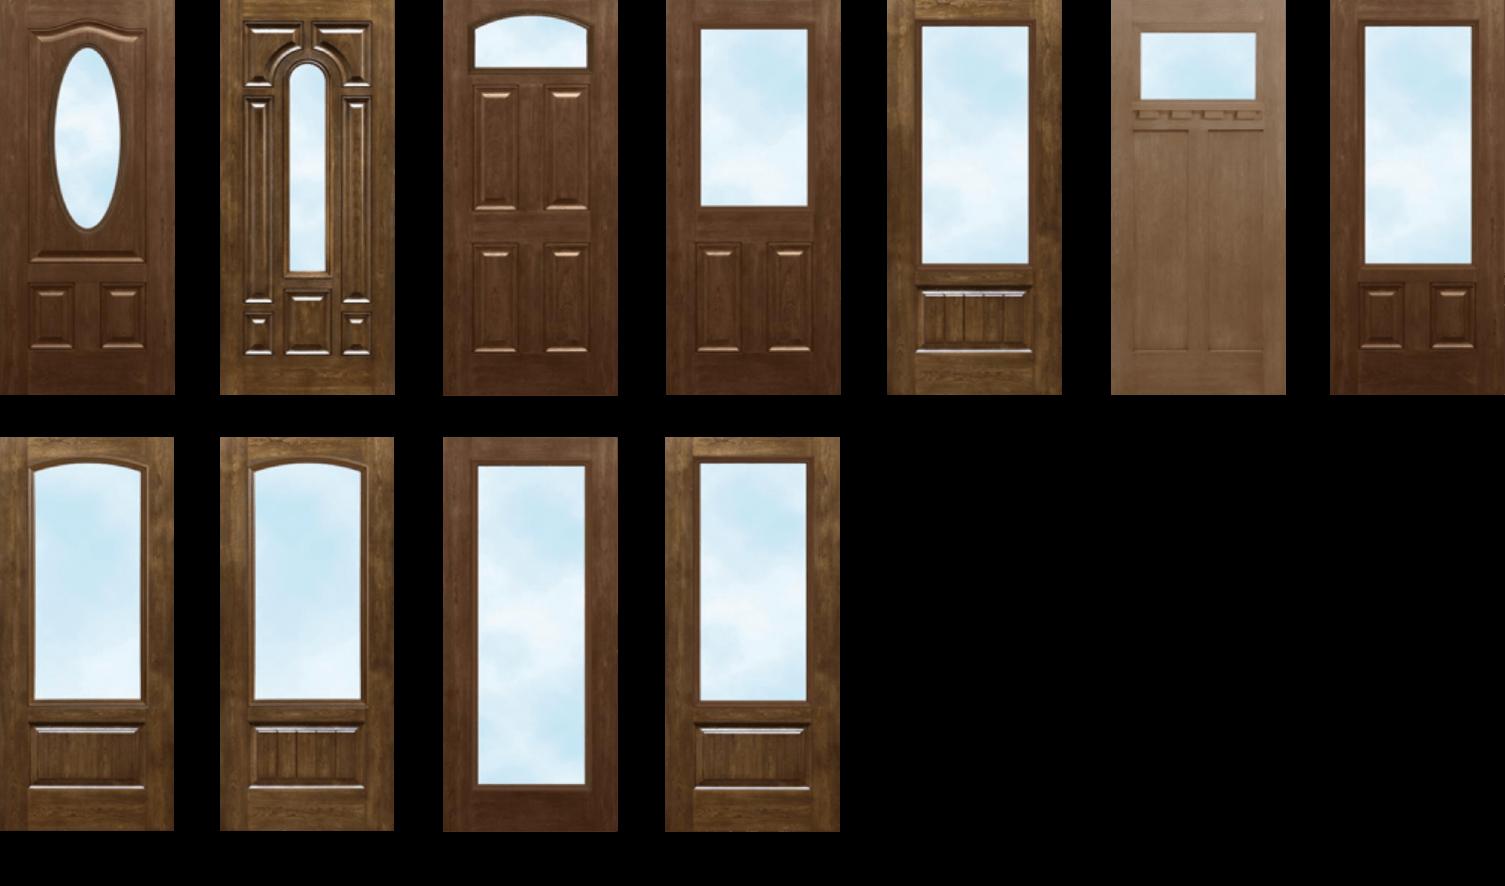 signet-styles-glass-OP